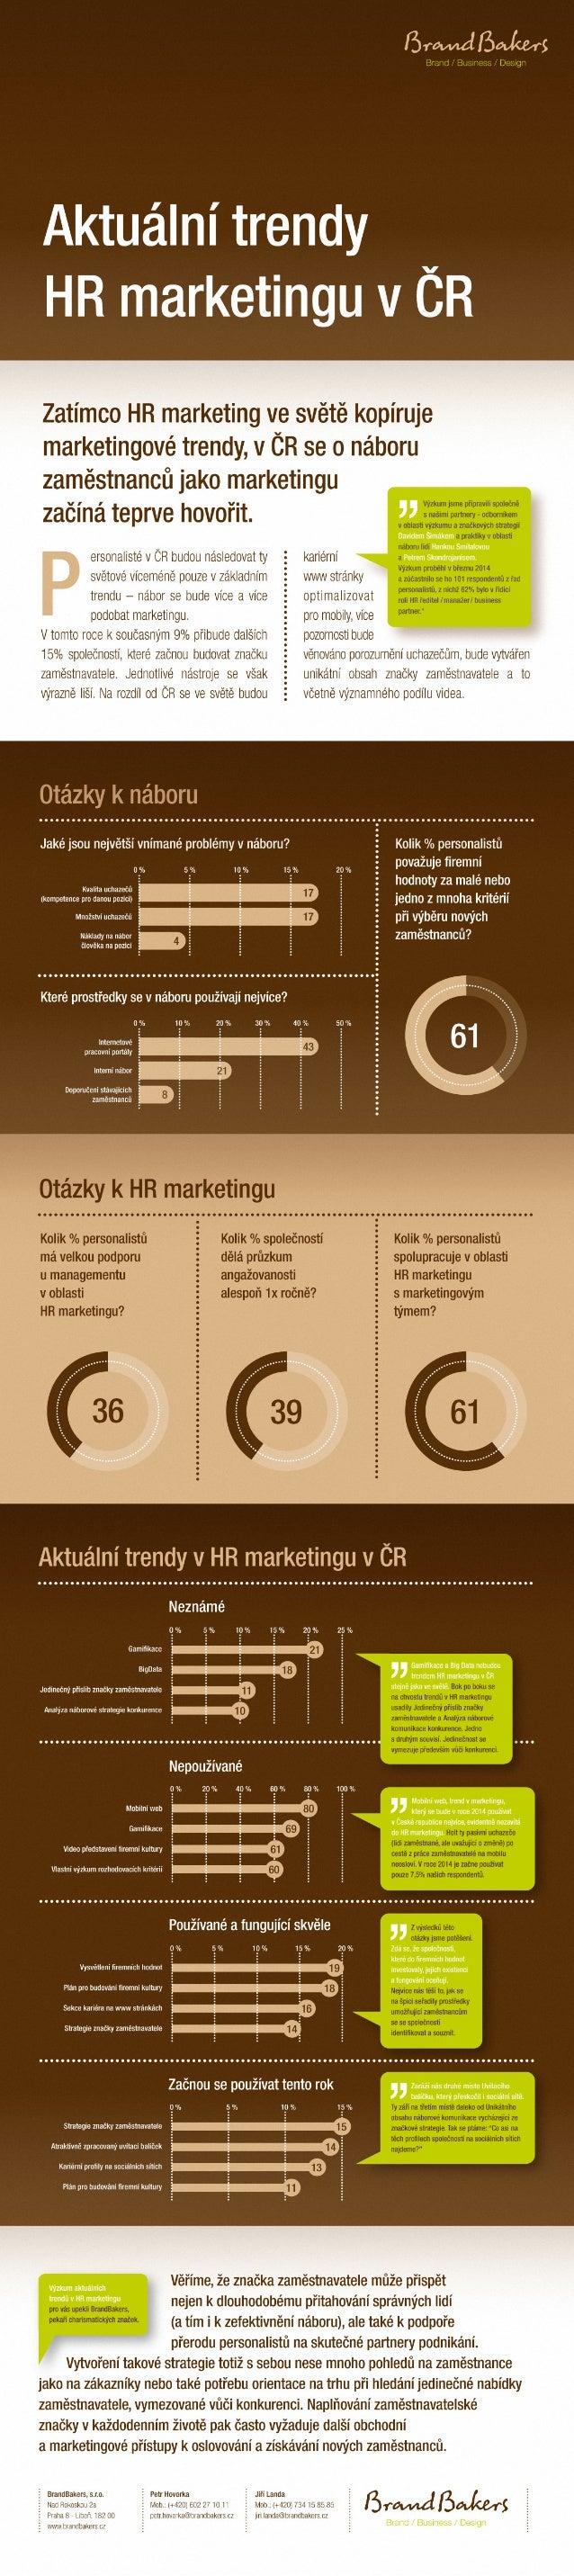 Aktuální trendy HR marketingu v České republice / Current HR Marketing Trends in the Czech Republic